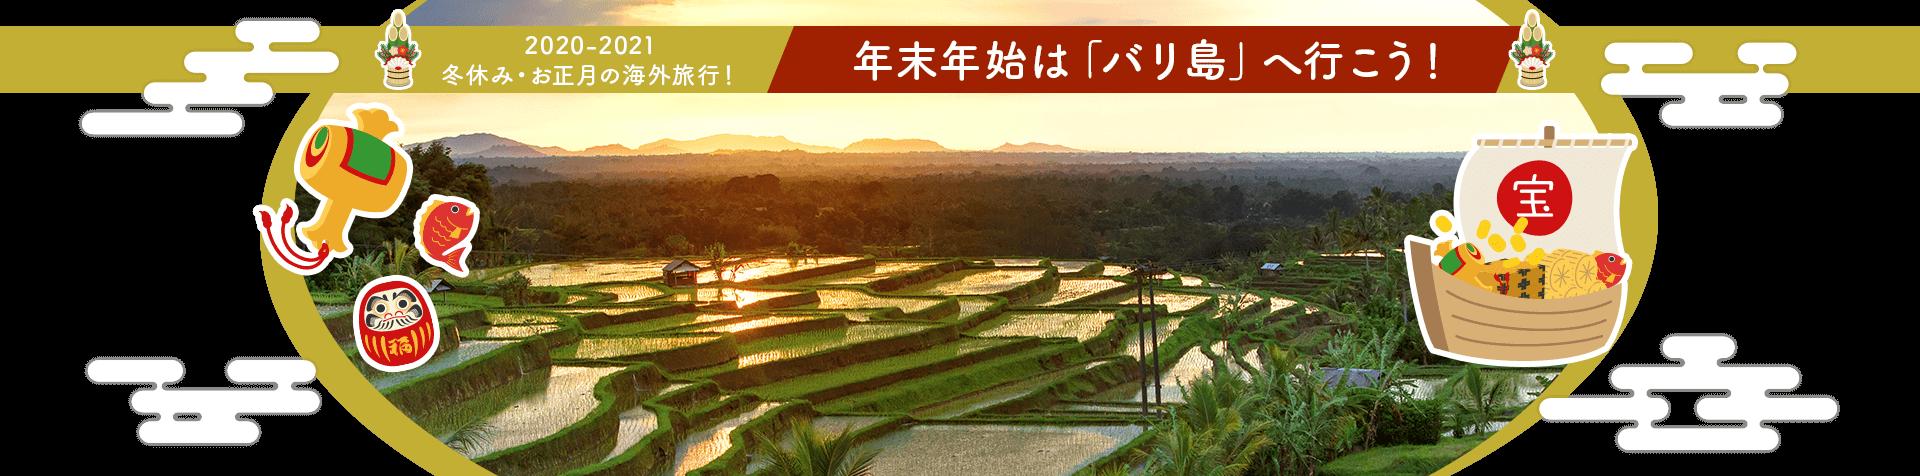 【冬休み・お正月の海外旅行】年末年始は「バリ島」へ行こう!